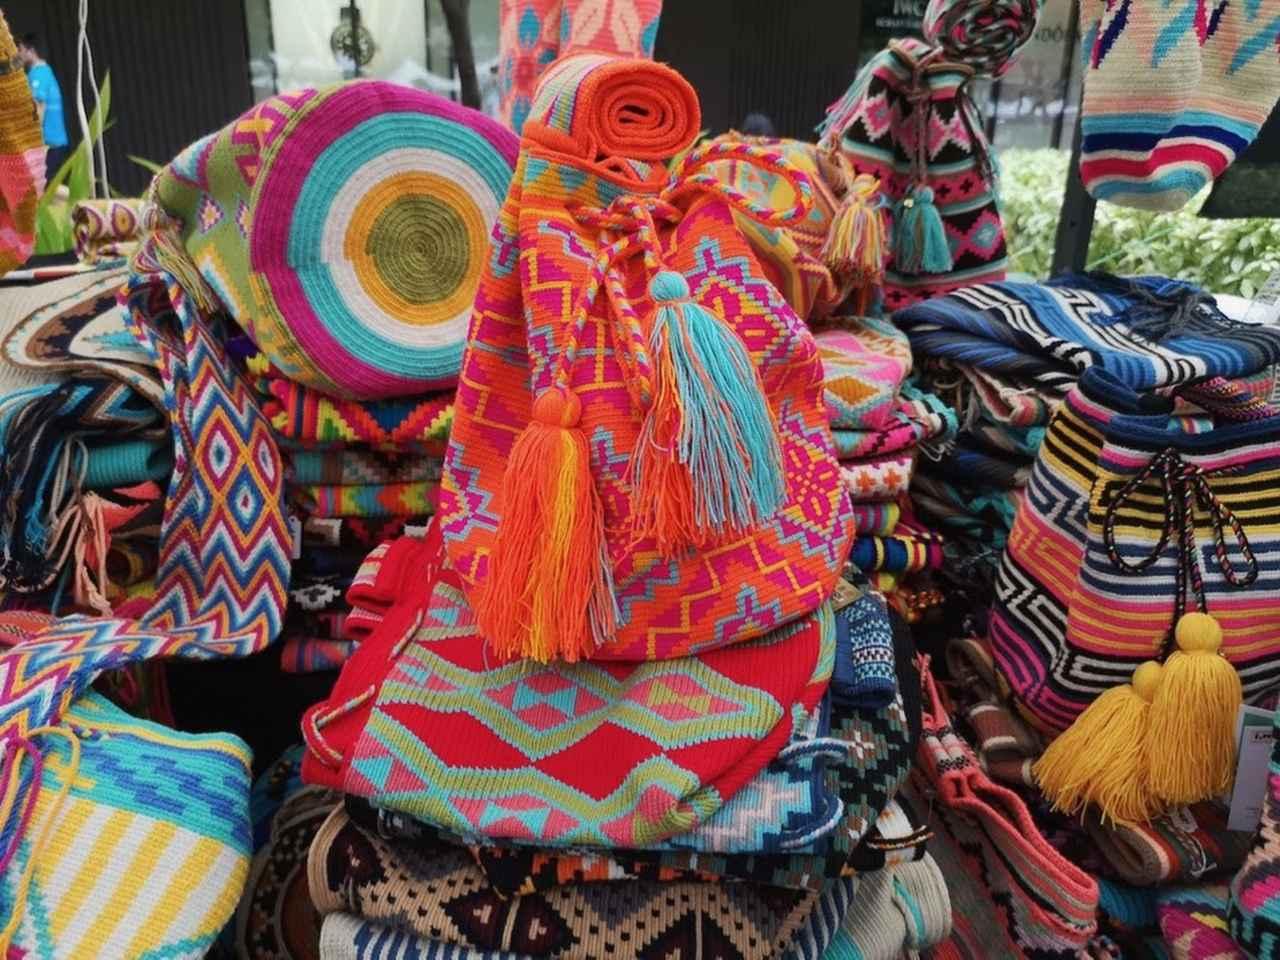 画像: ハンドメイドの色鮮やかなバッグや小物